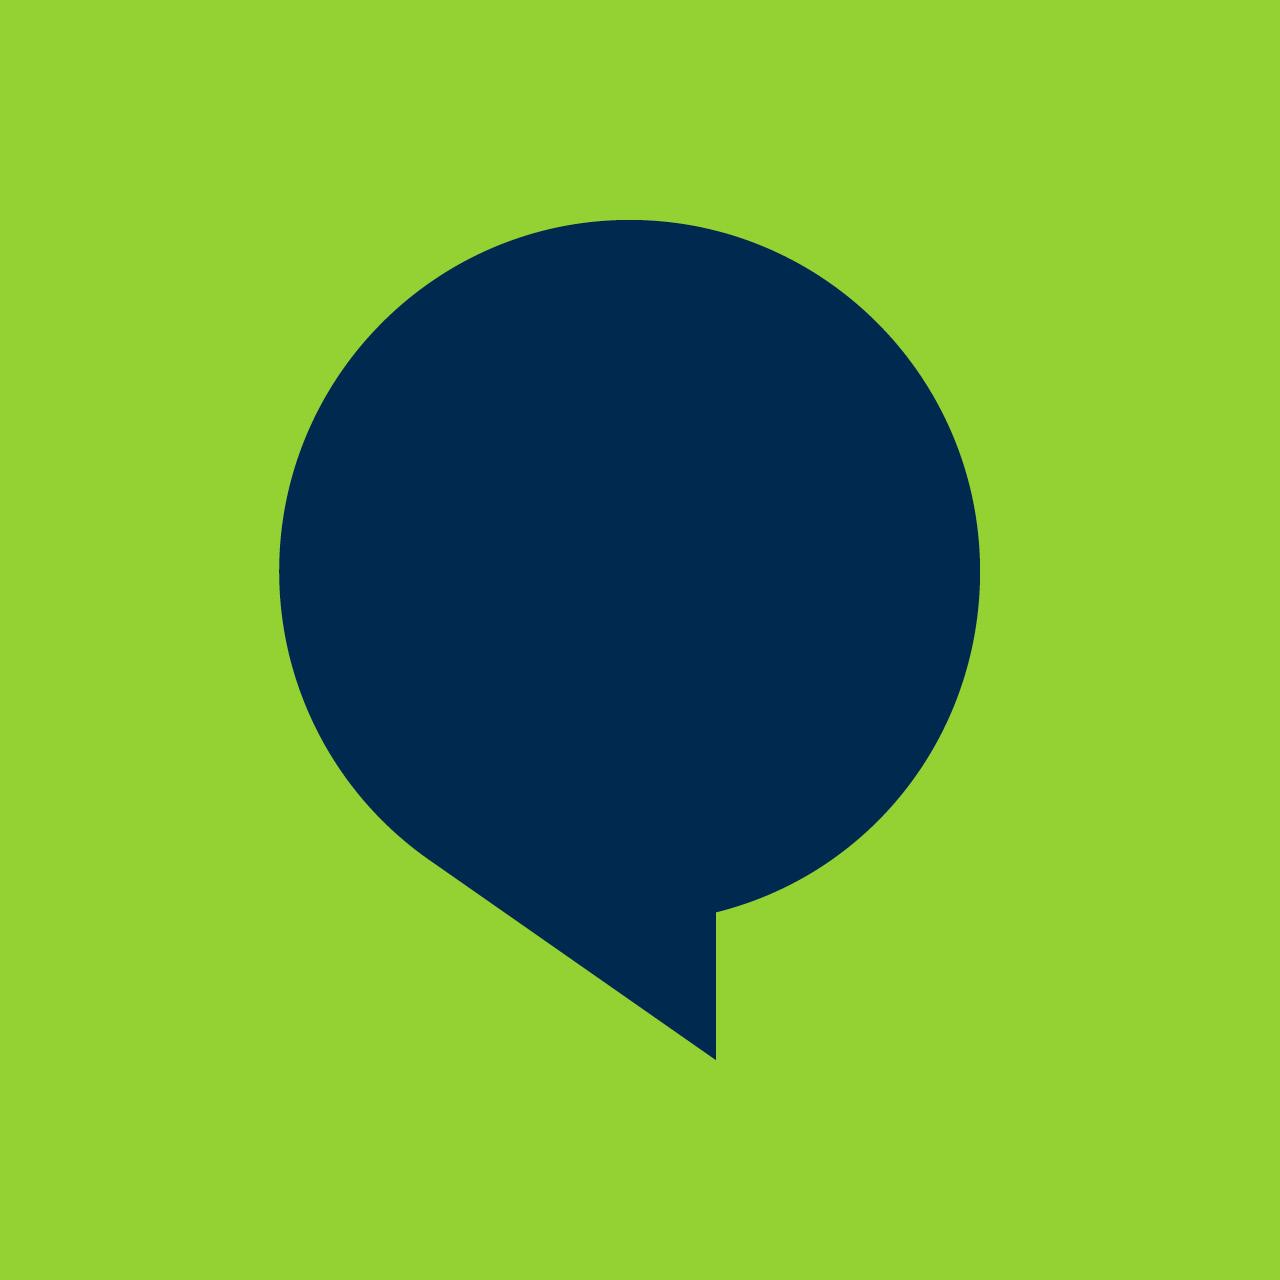 oberpfalz-medien-netzwerk-agentur-leistungen-vertrieb-hover